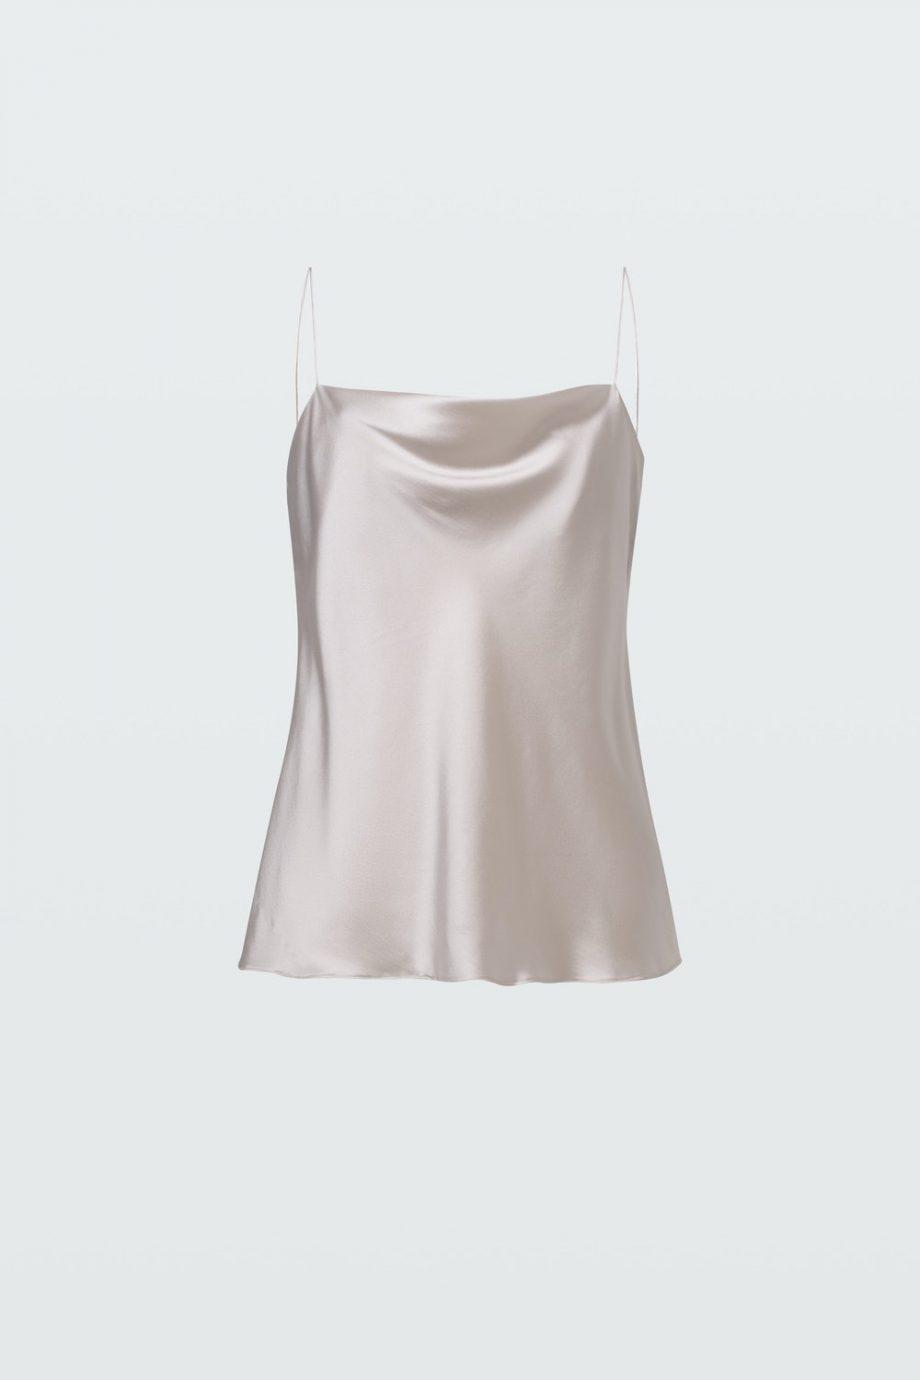 weiss-shirts-tops-dorothee-schumacher-202-847901-109-2-6